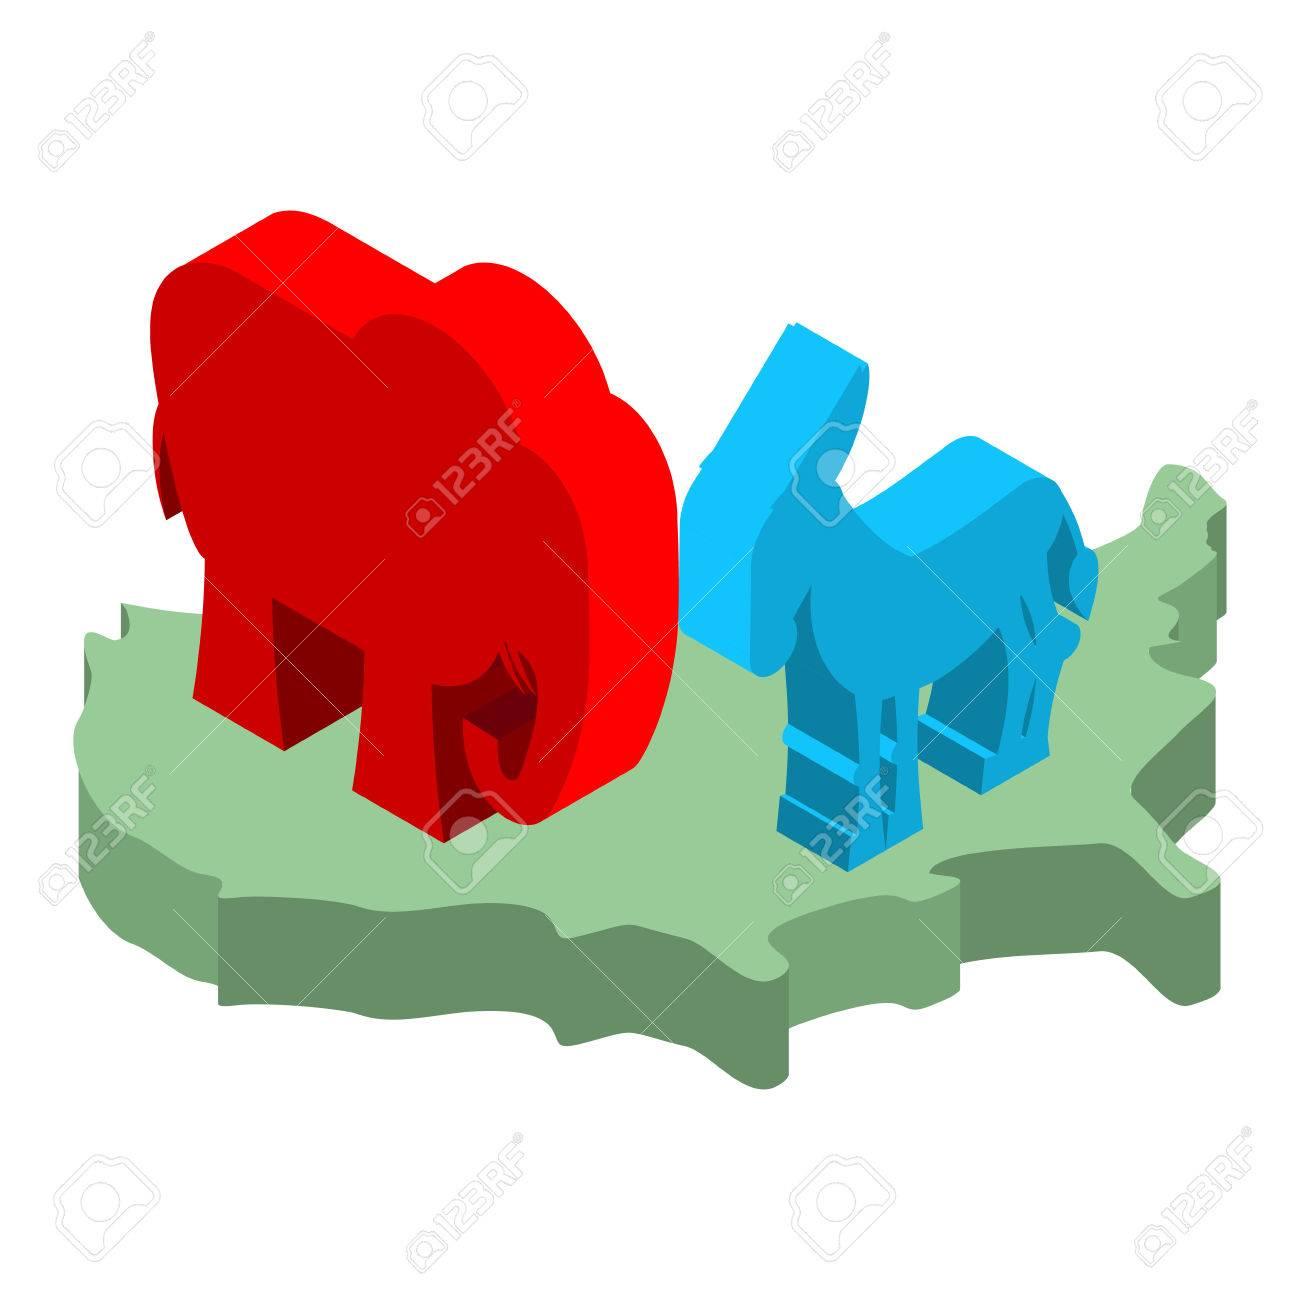 Elephant and donkey on map of america symbols of usa political elephant and donkey on map of america symbols of usa political party democrat and biocorpaavc Choice Image